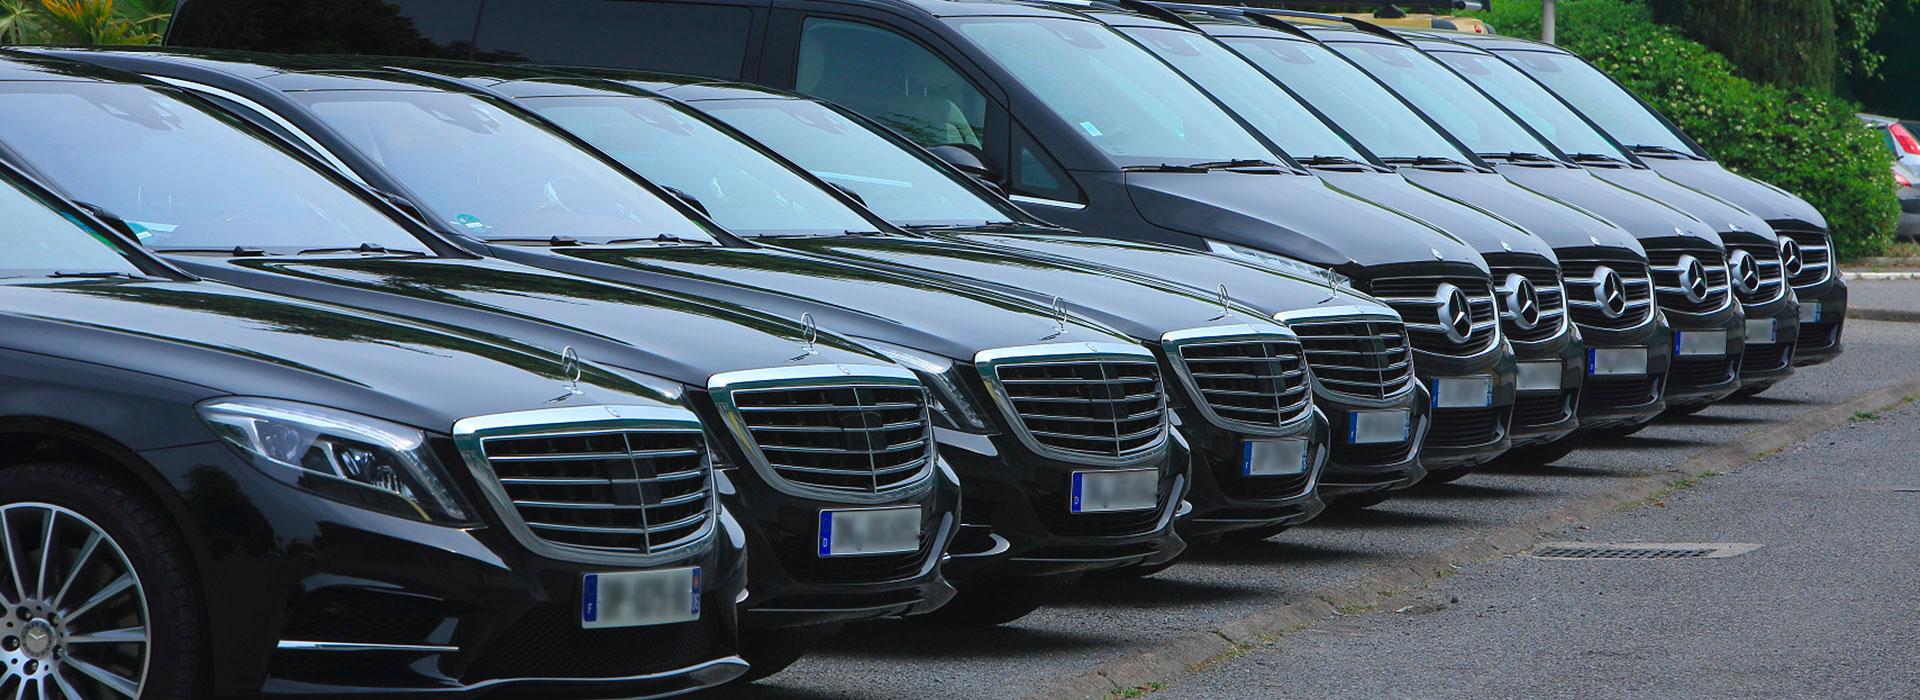 flotte kingdom limousines Nice 1  